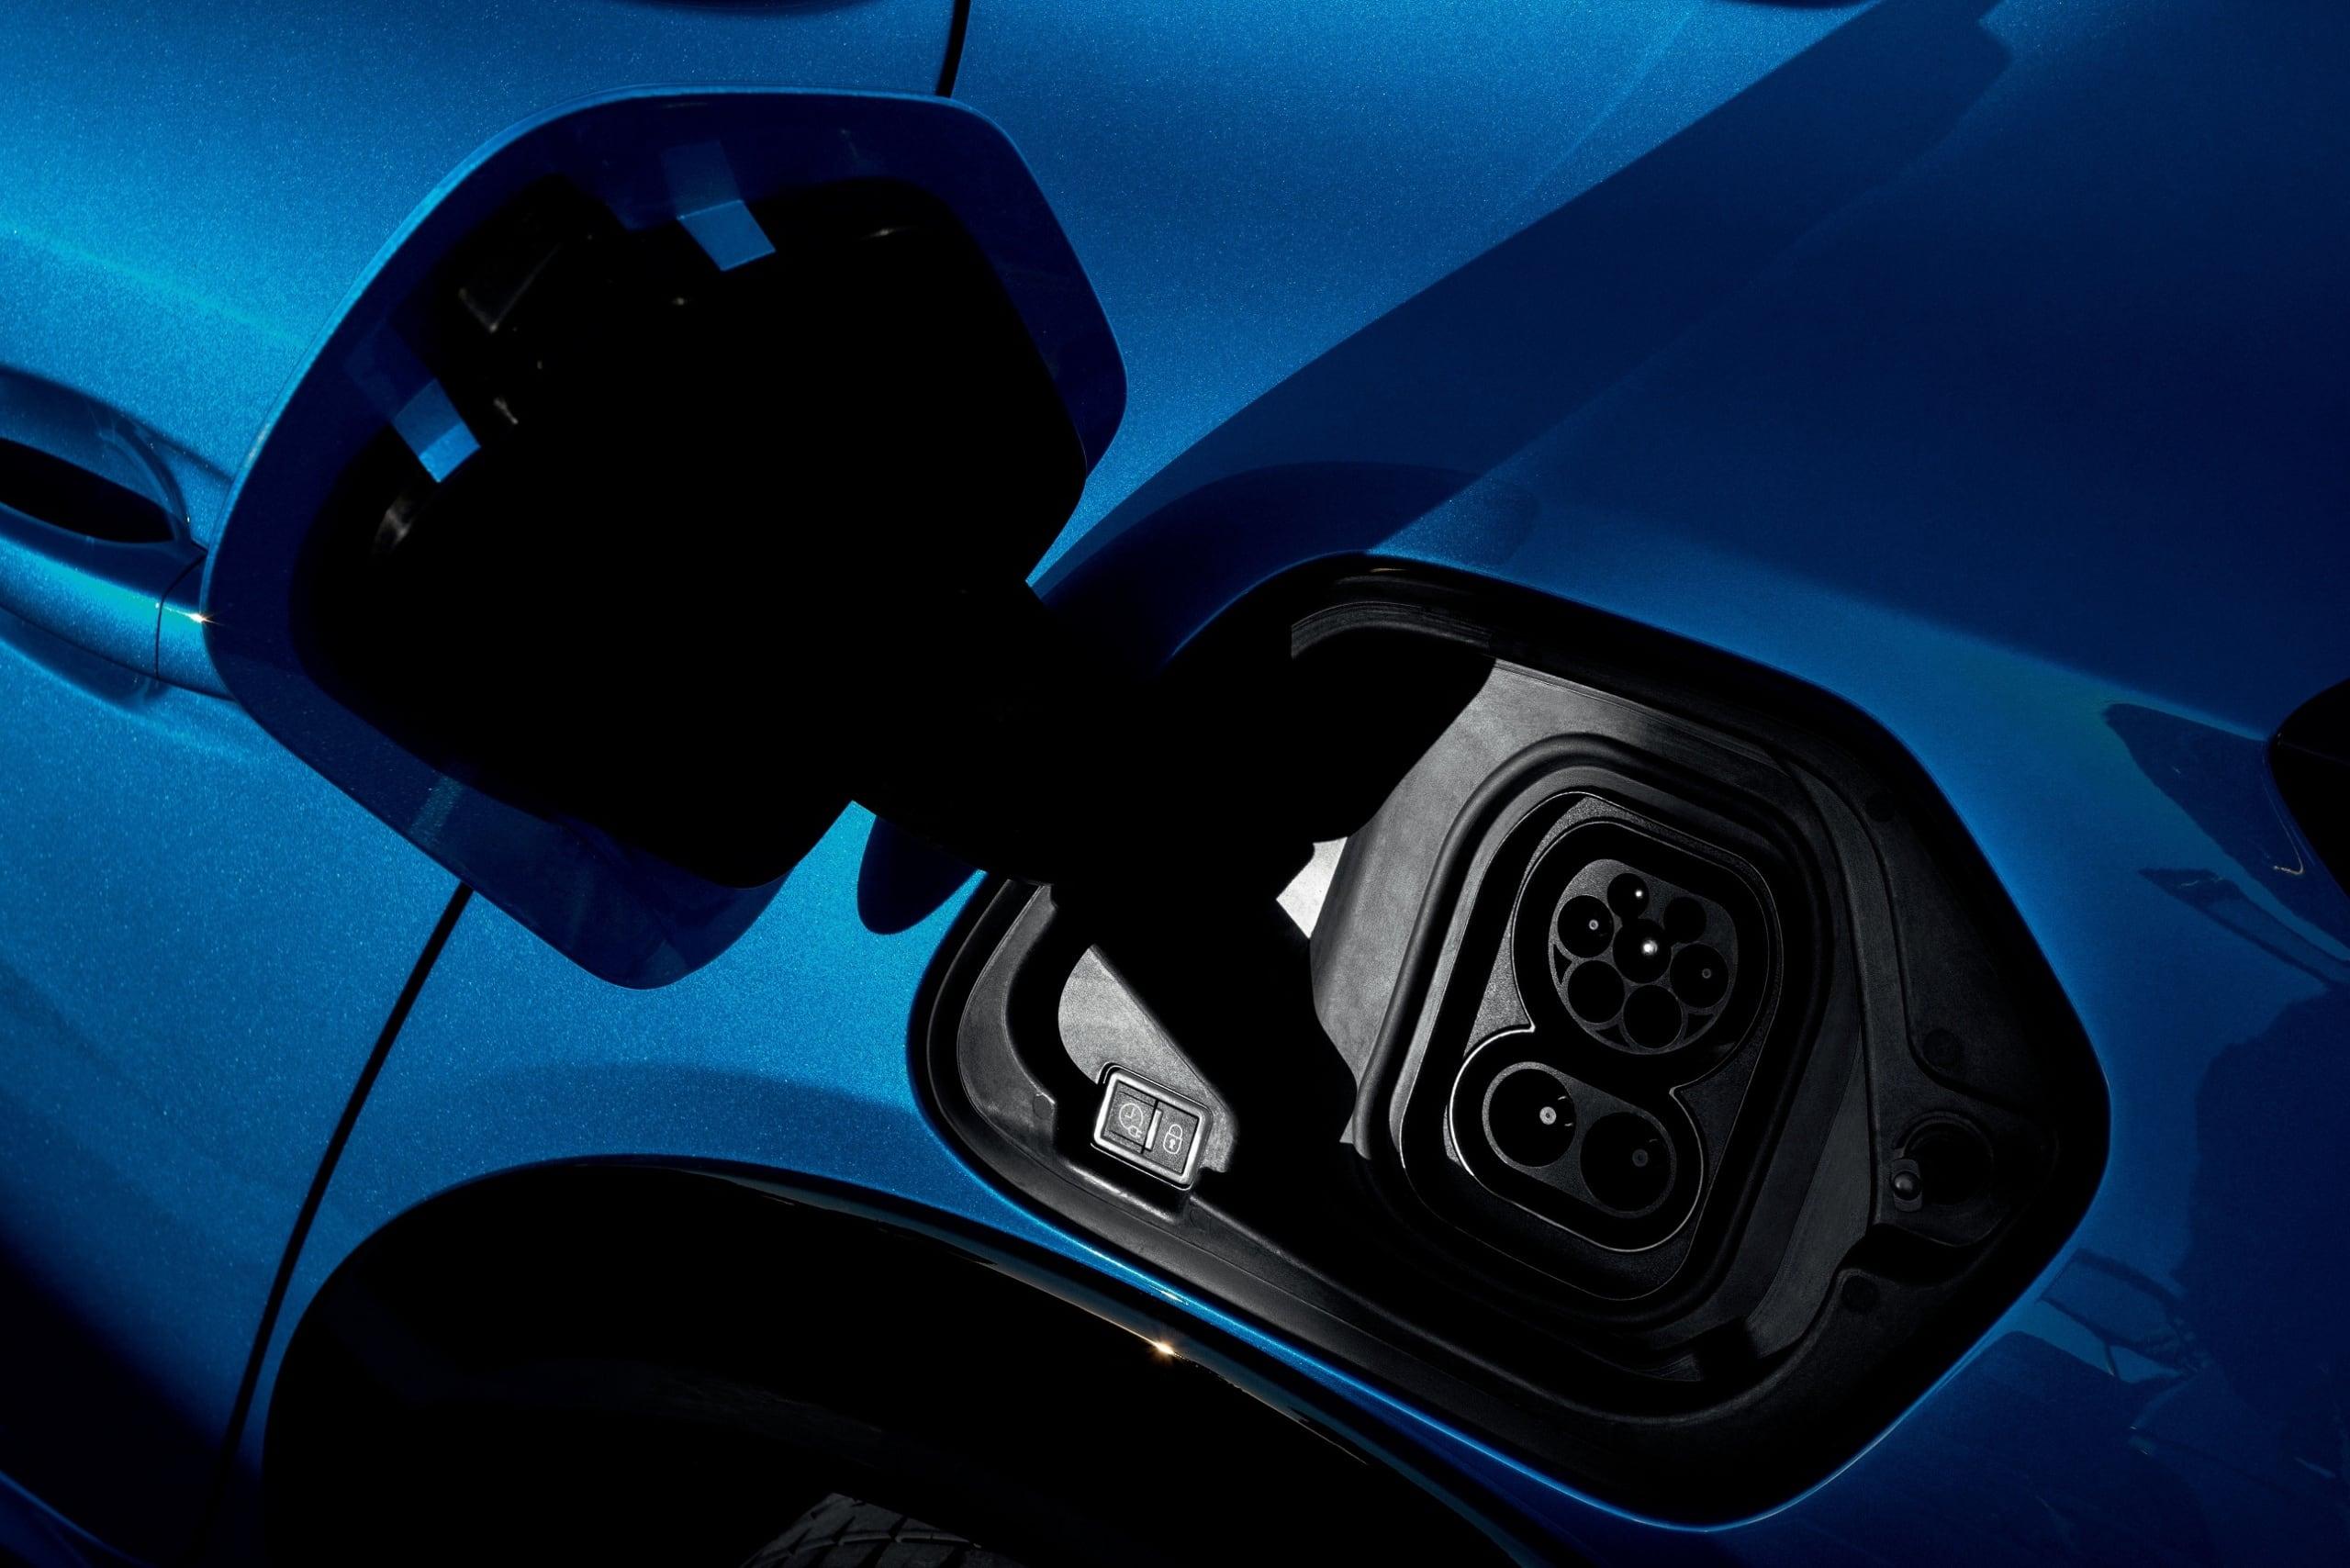 Ventajas e inconvenientes de los vehículos electrificados